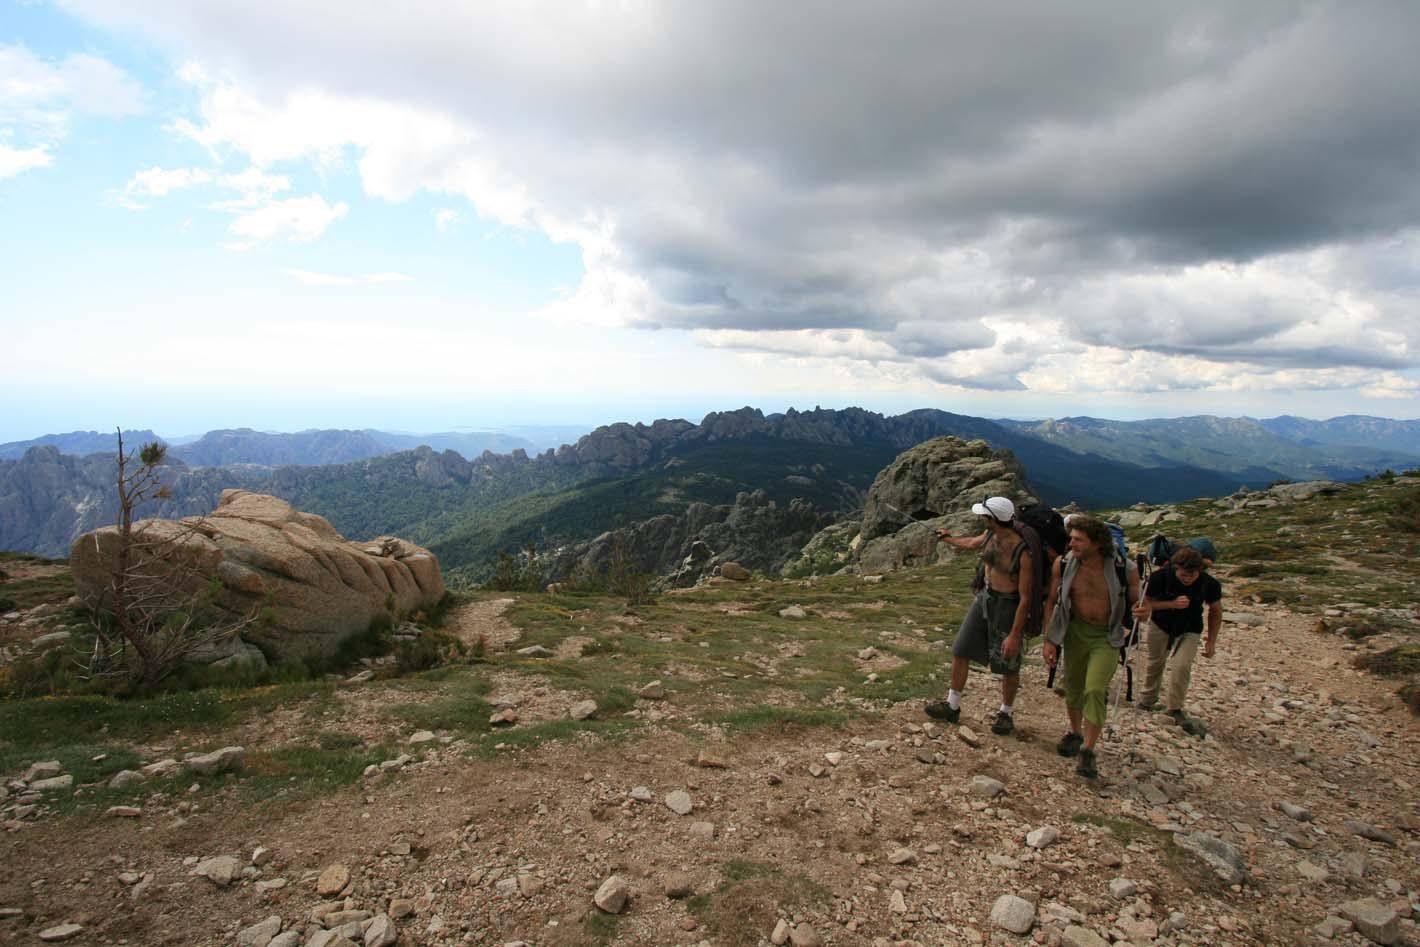 Randonnée organisée par xtremsudcanyon en Corse